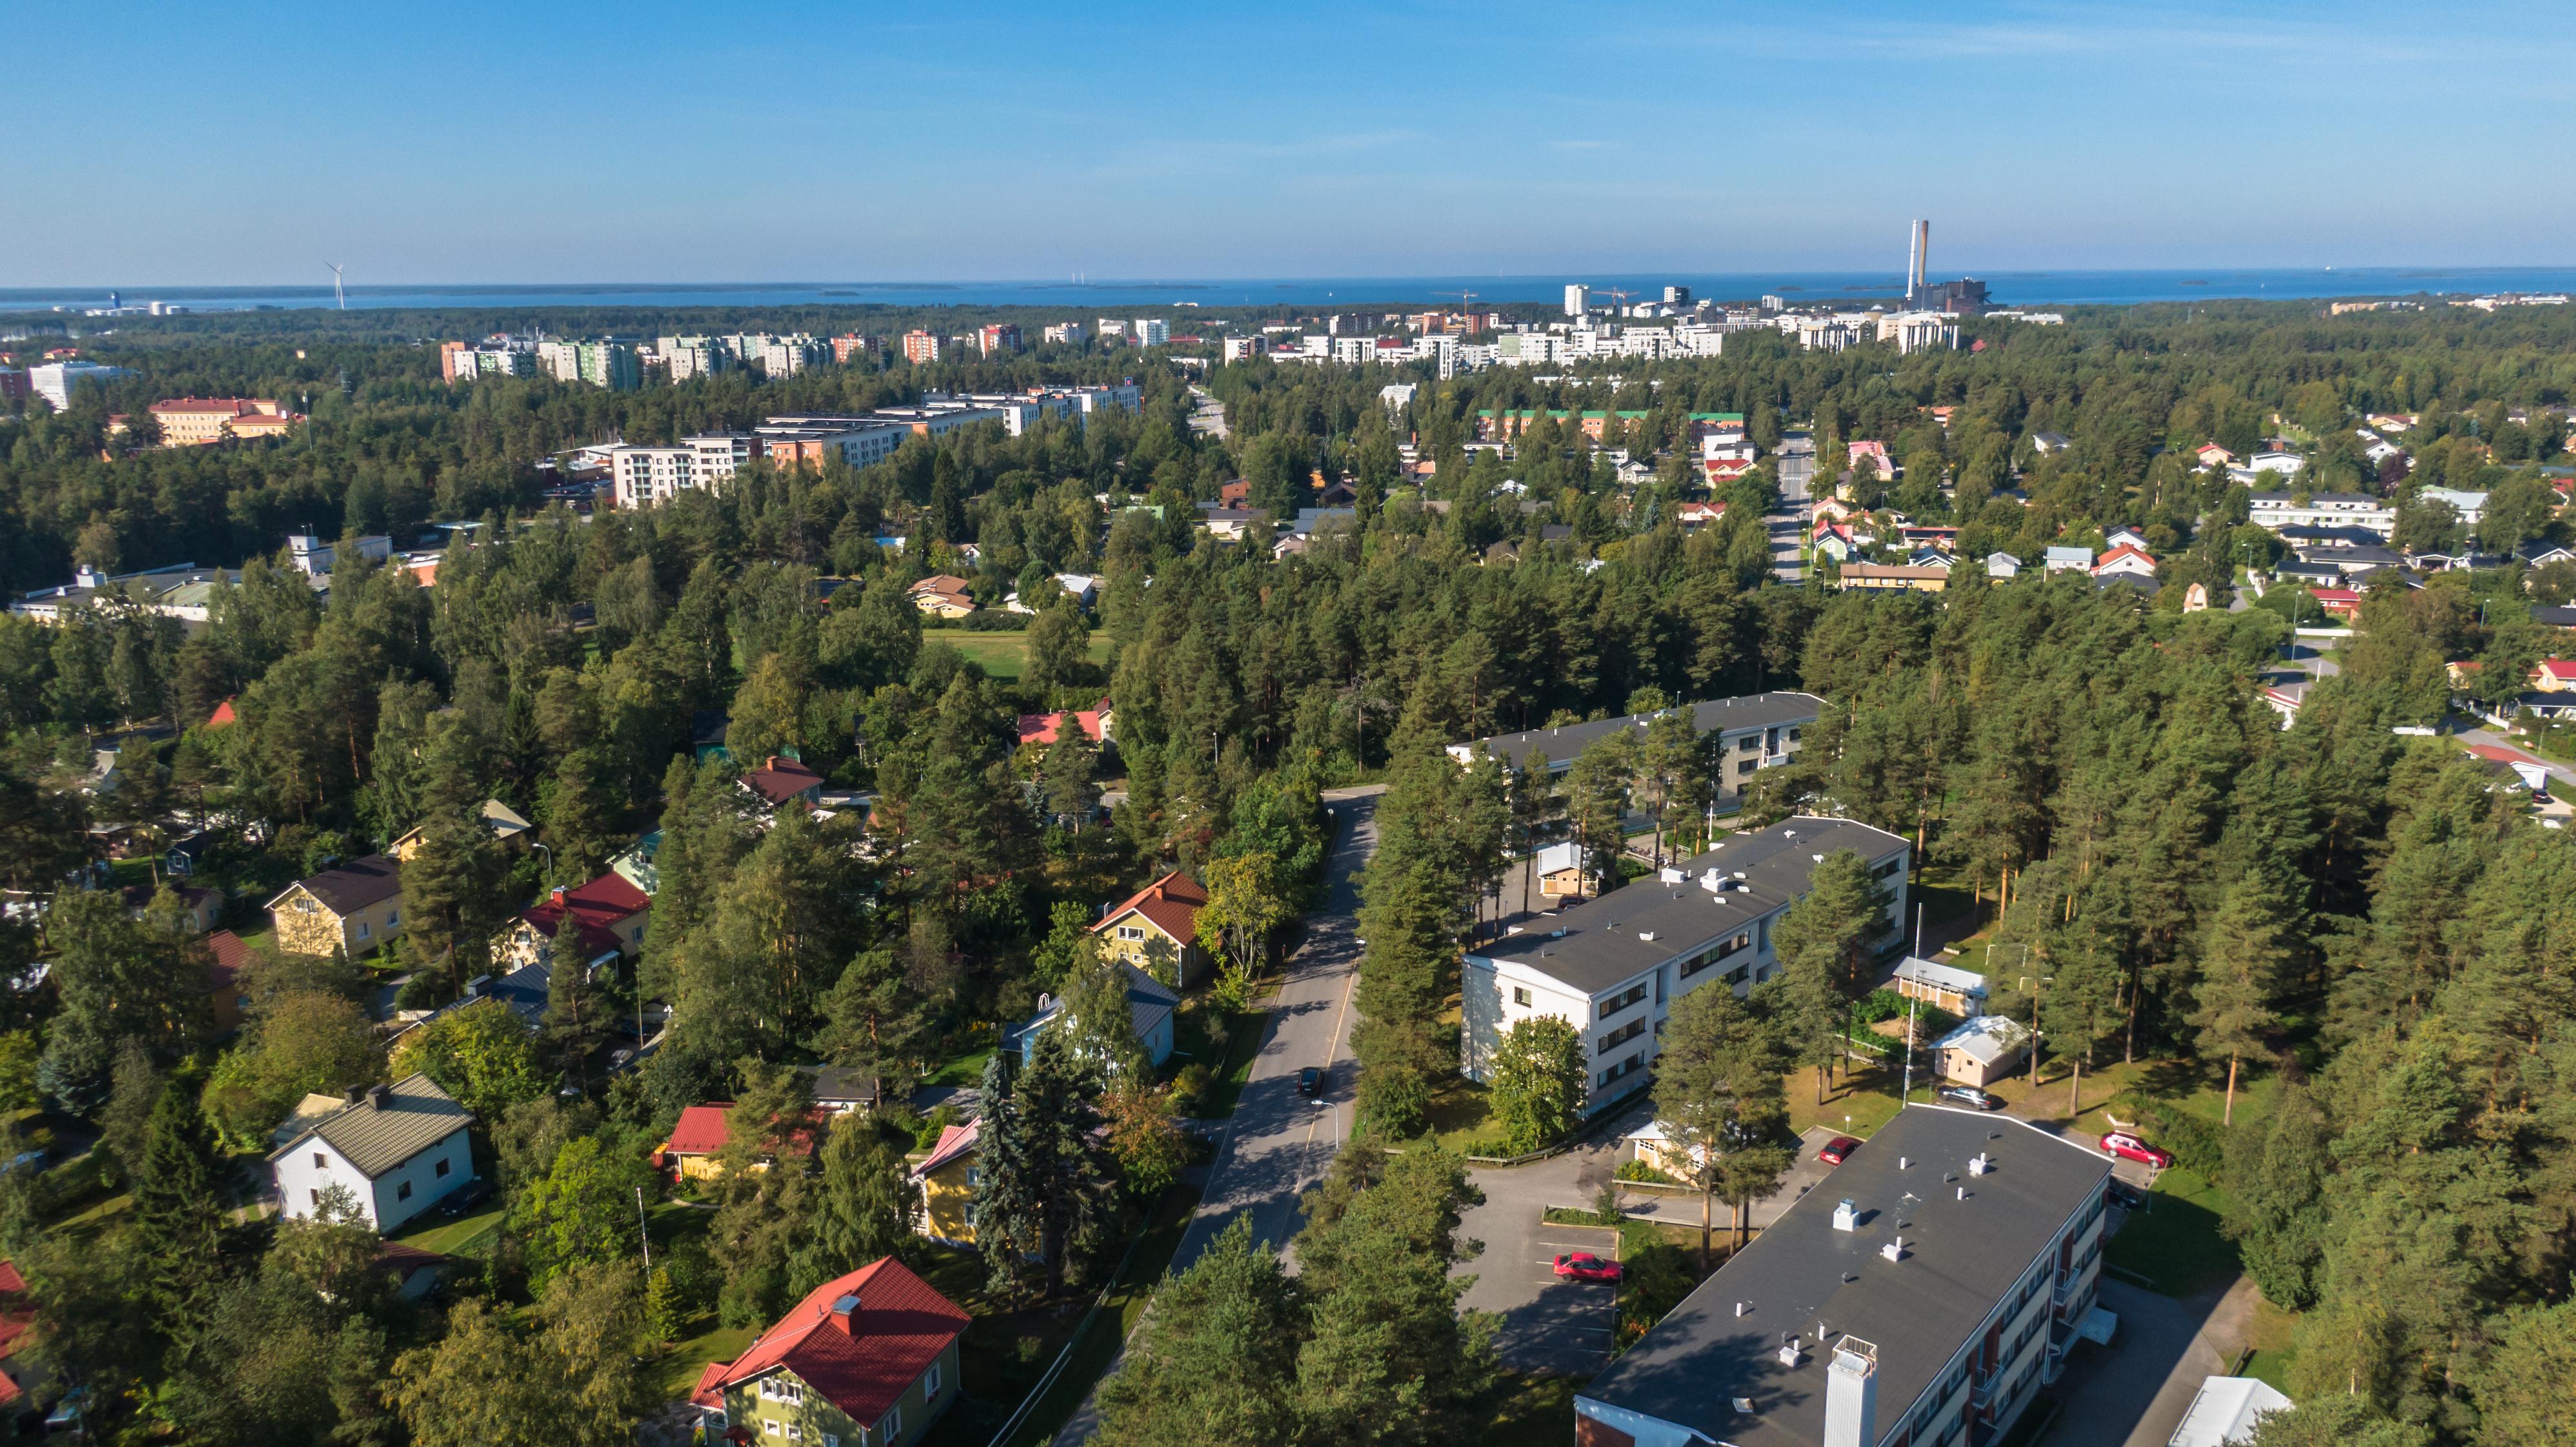 Oulun Välivainiolta ilmassa otetussa kuvassa näkyy puistomaista asuinaluetta, jossa on kerrostaloja ja omakotitaloja. Taustalla meri ja sinertävä taivaanranta.